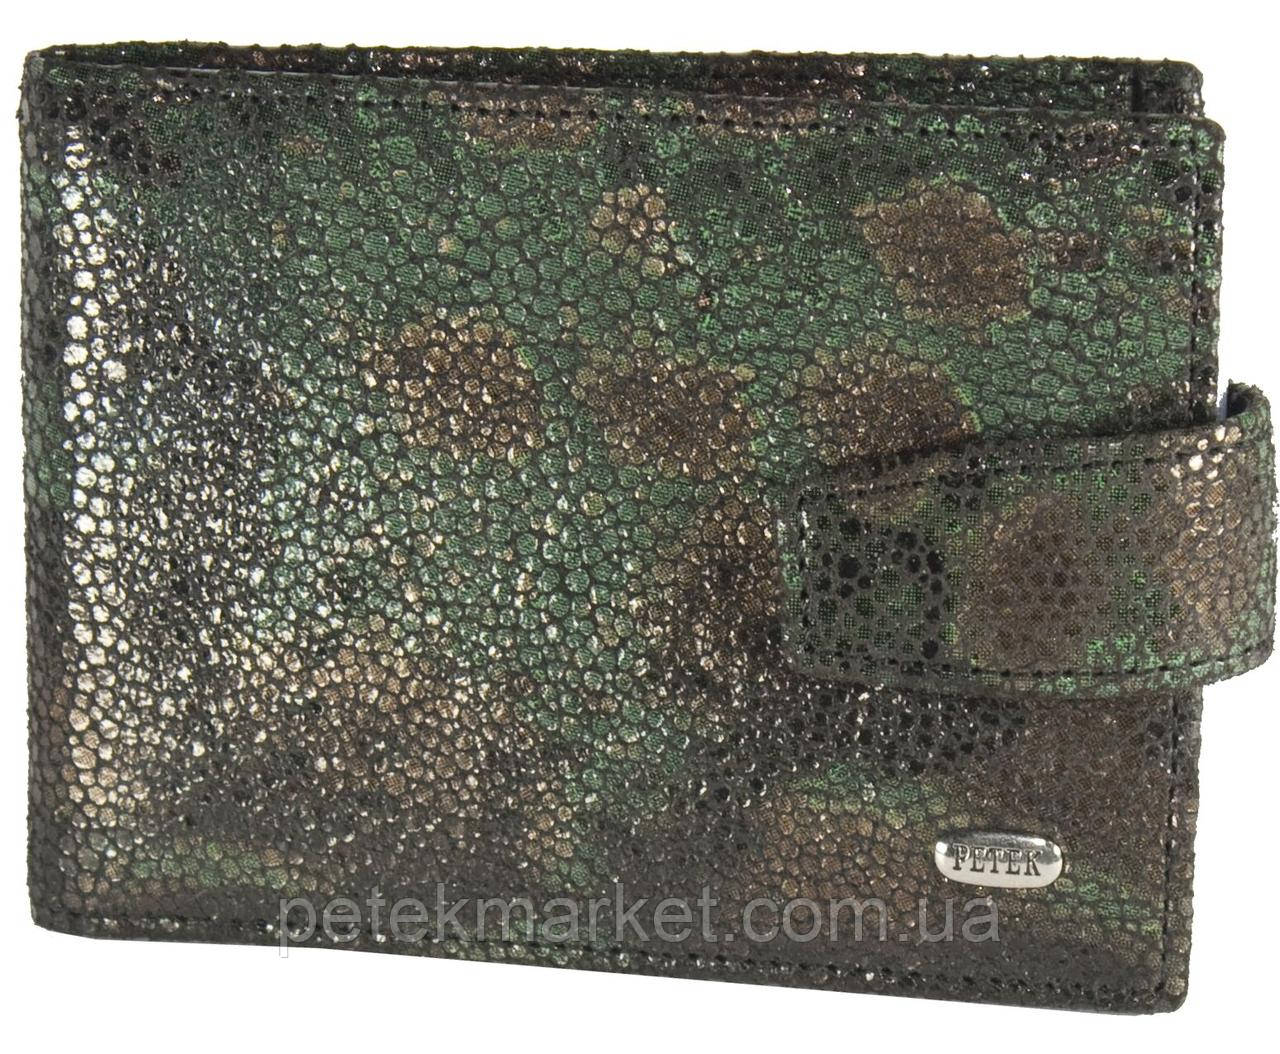 Кредитница Petek 1014, Зелёный, Естественная фактура